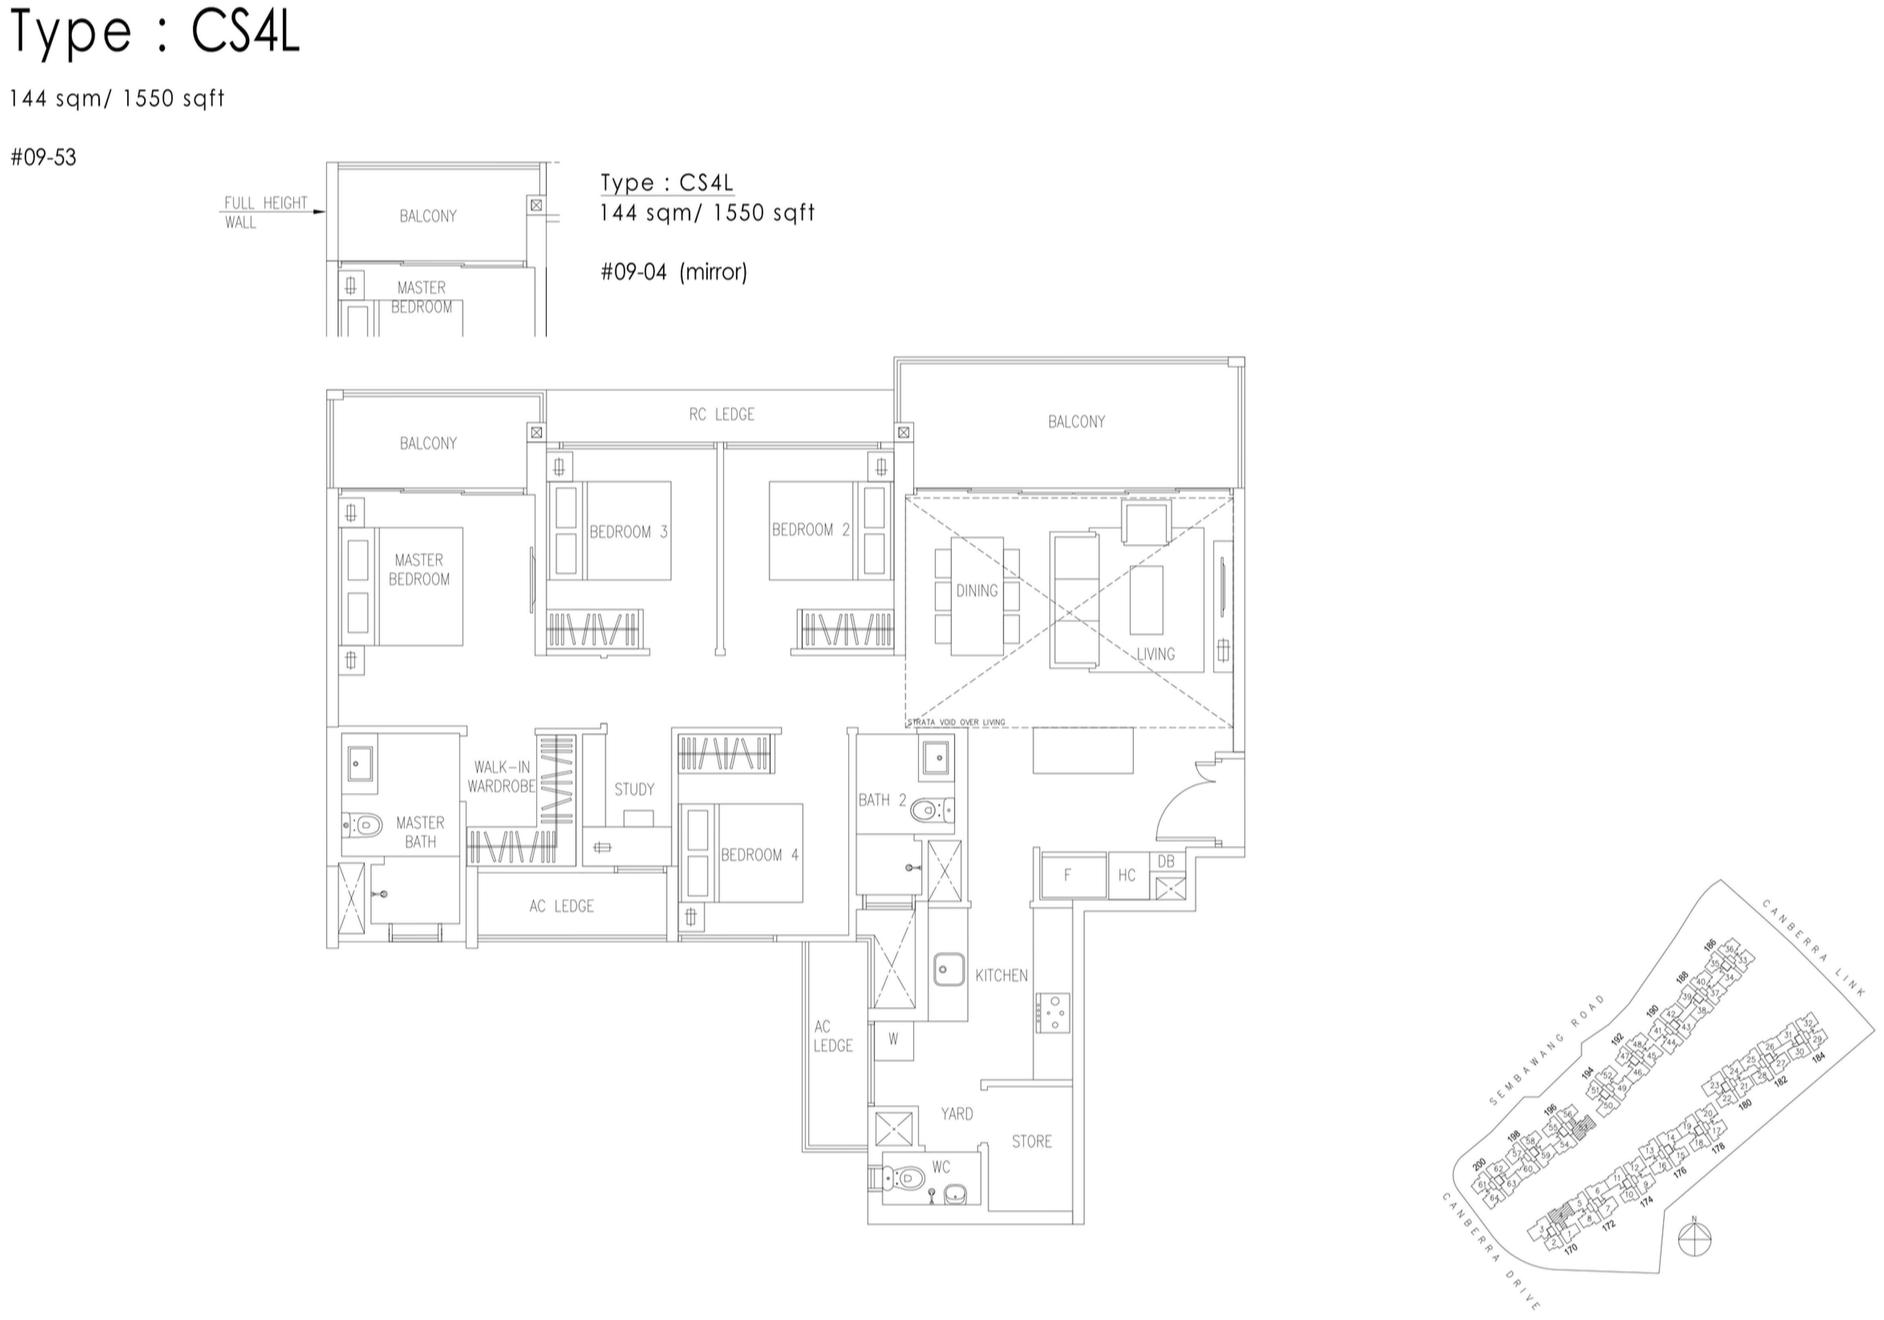 The Visionaire EC Floor Plan - 4 Bedroom Cospace CS4L 144 sqm 1550 sqft